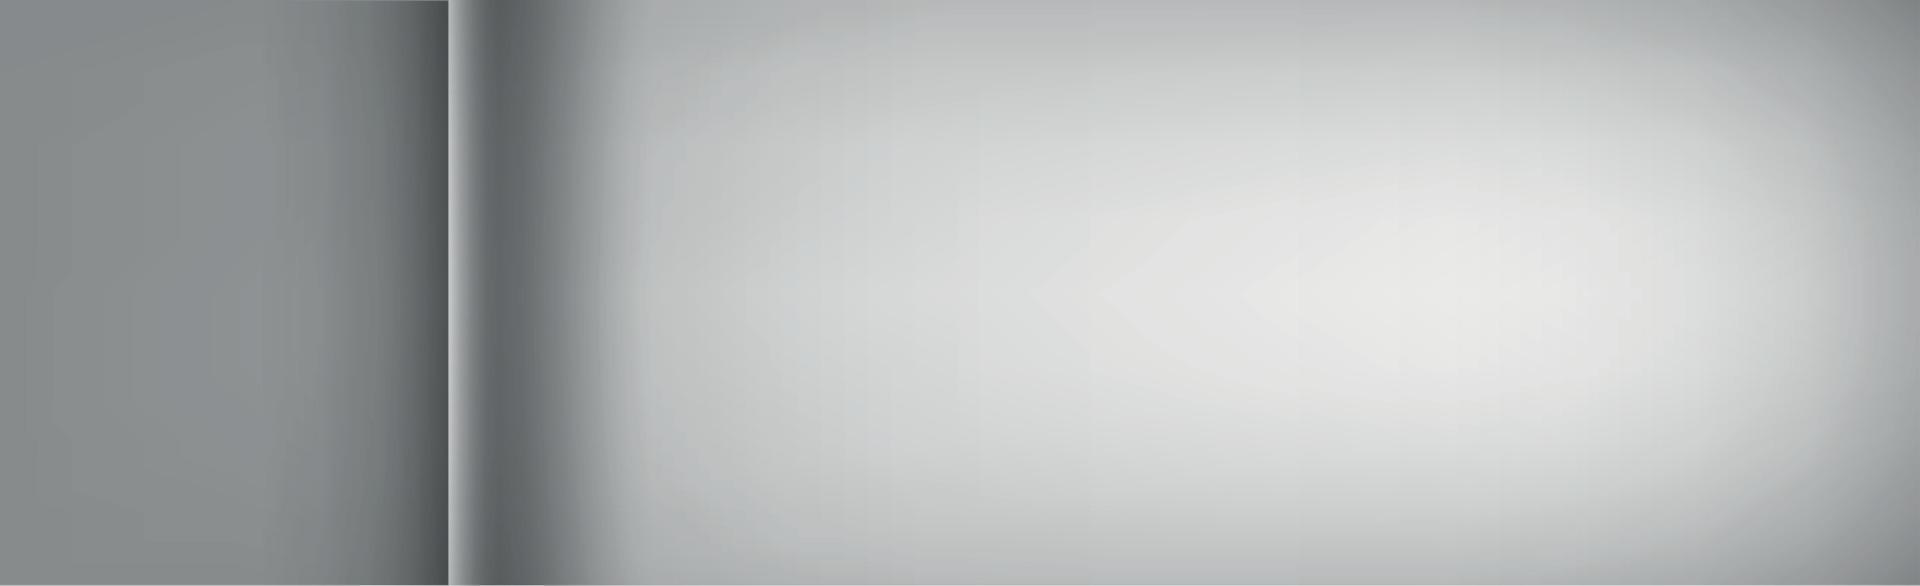 sfondo bianco e grigio con bordo arricciato - vettore